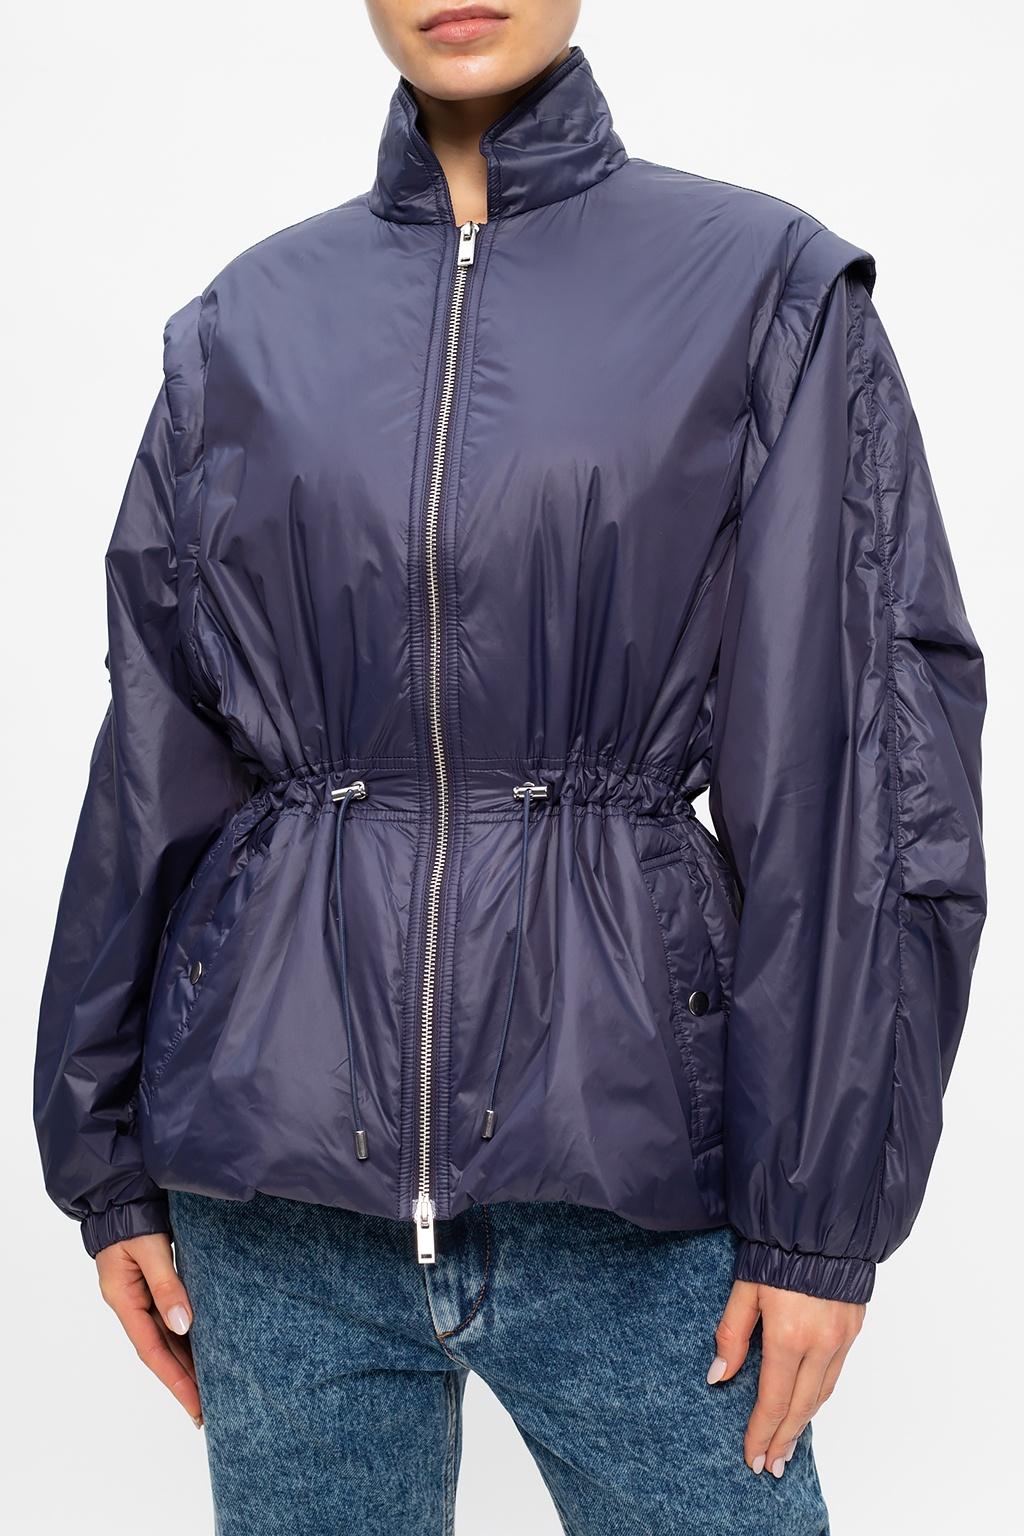 Isabel Marant Etoile Wrinkled jacket